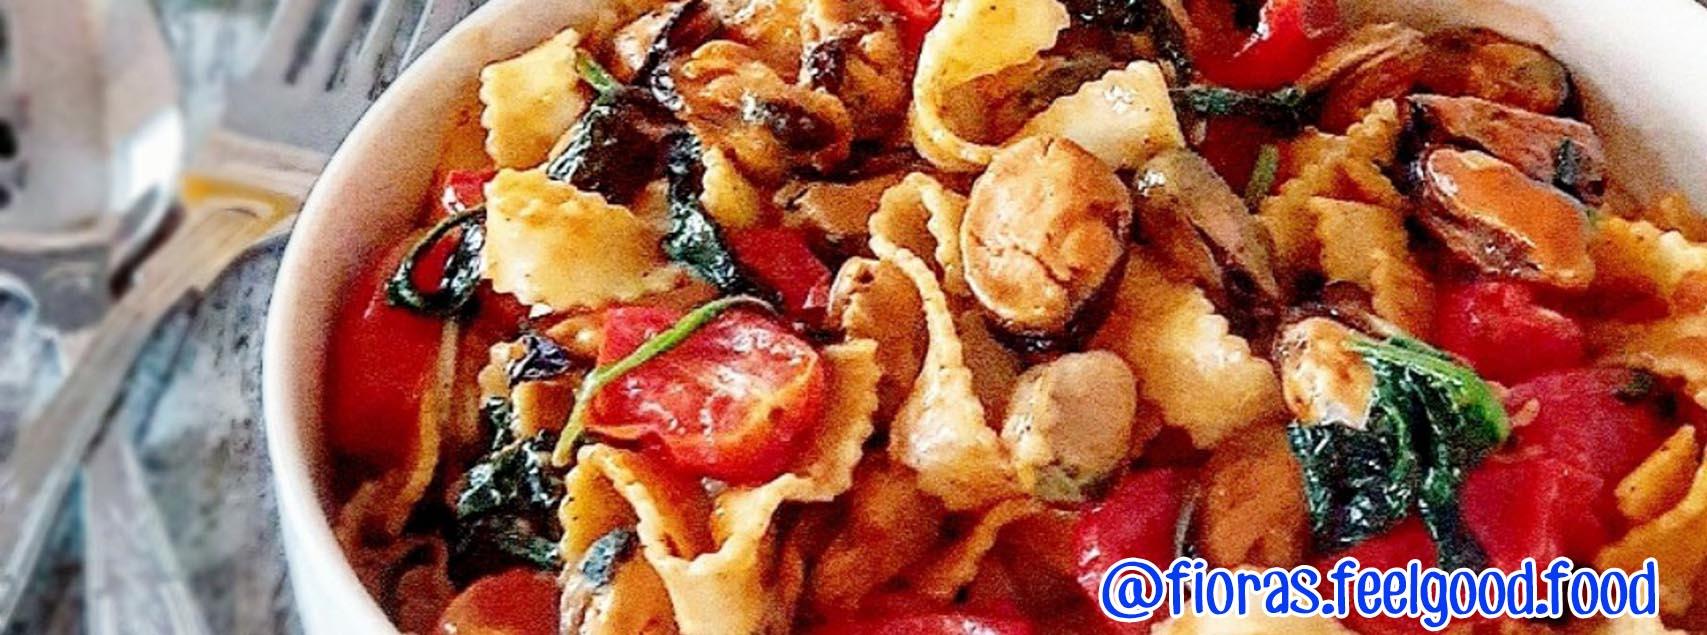 Tagliatelles aux moules et épinards à la sauce tomate